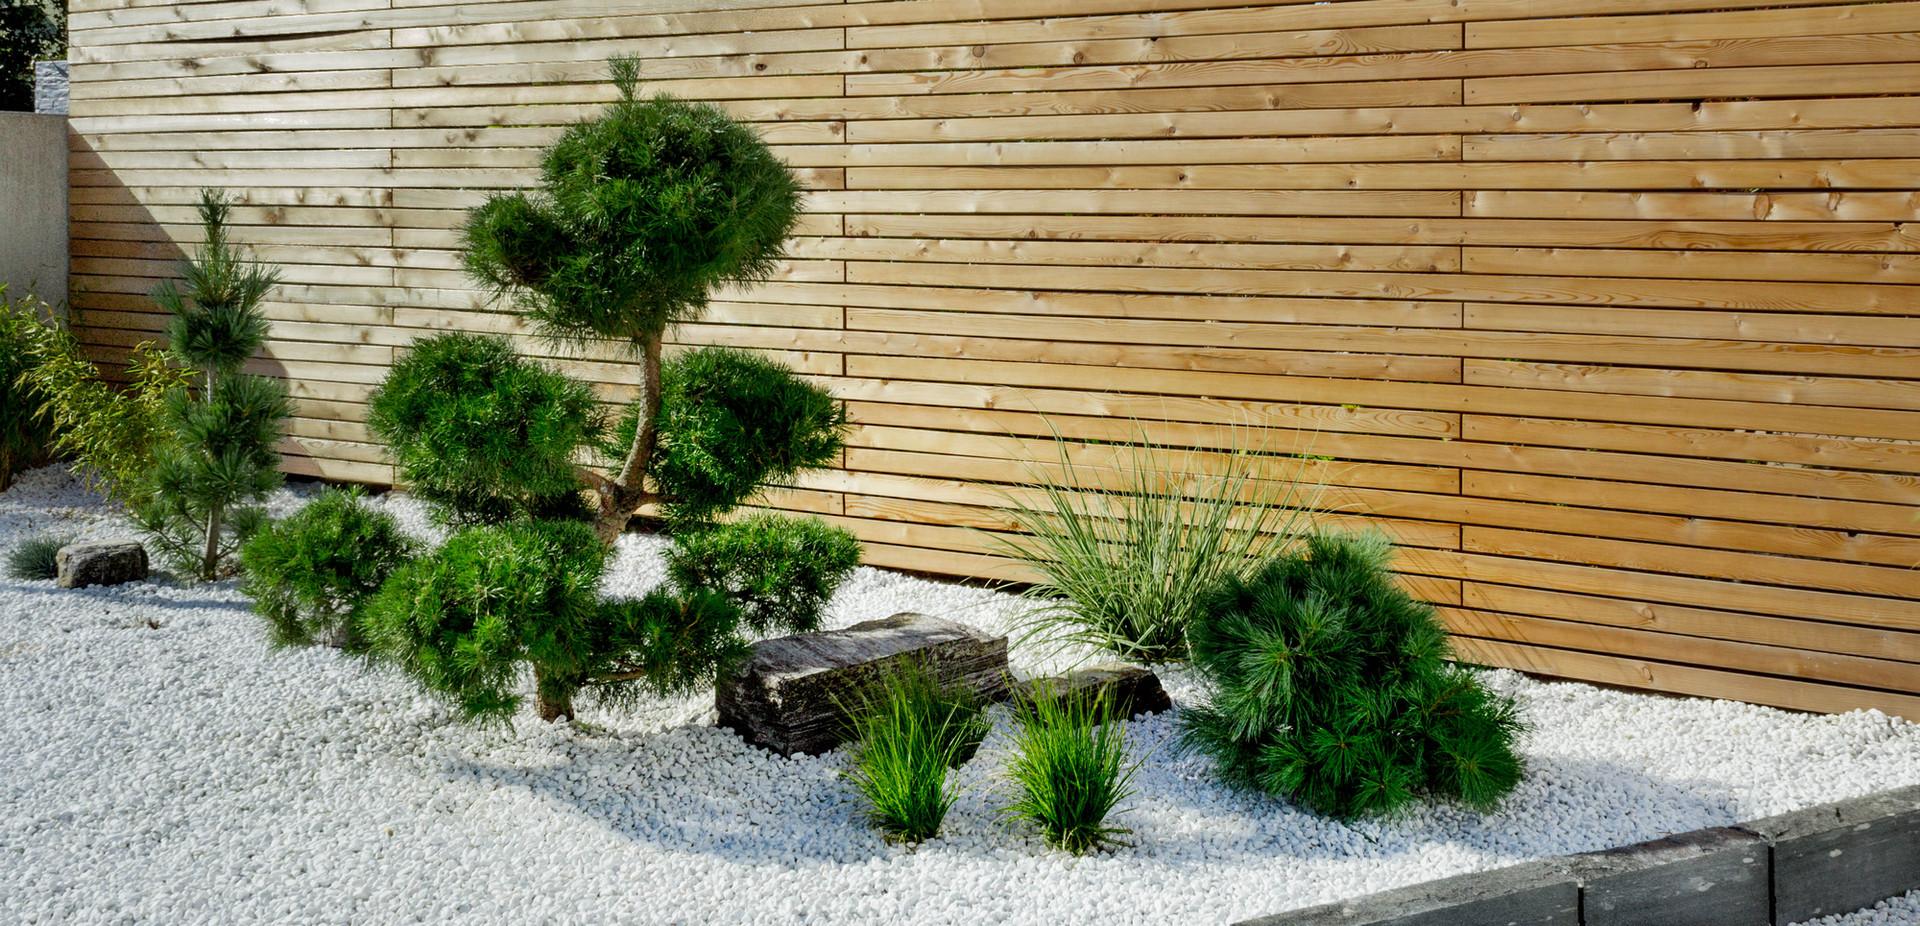 Steingarten mit Holzzaun